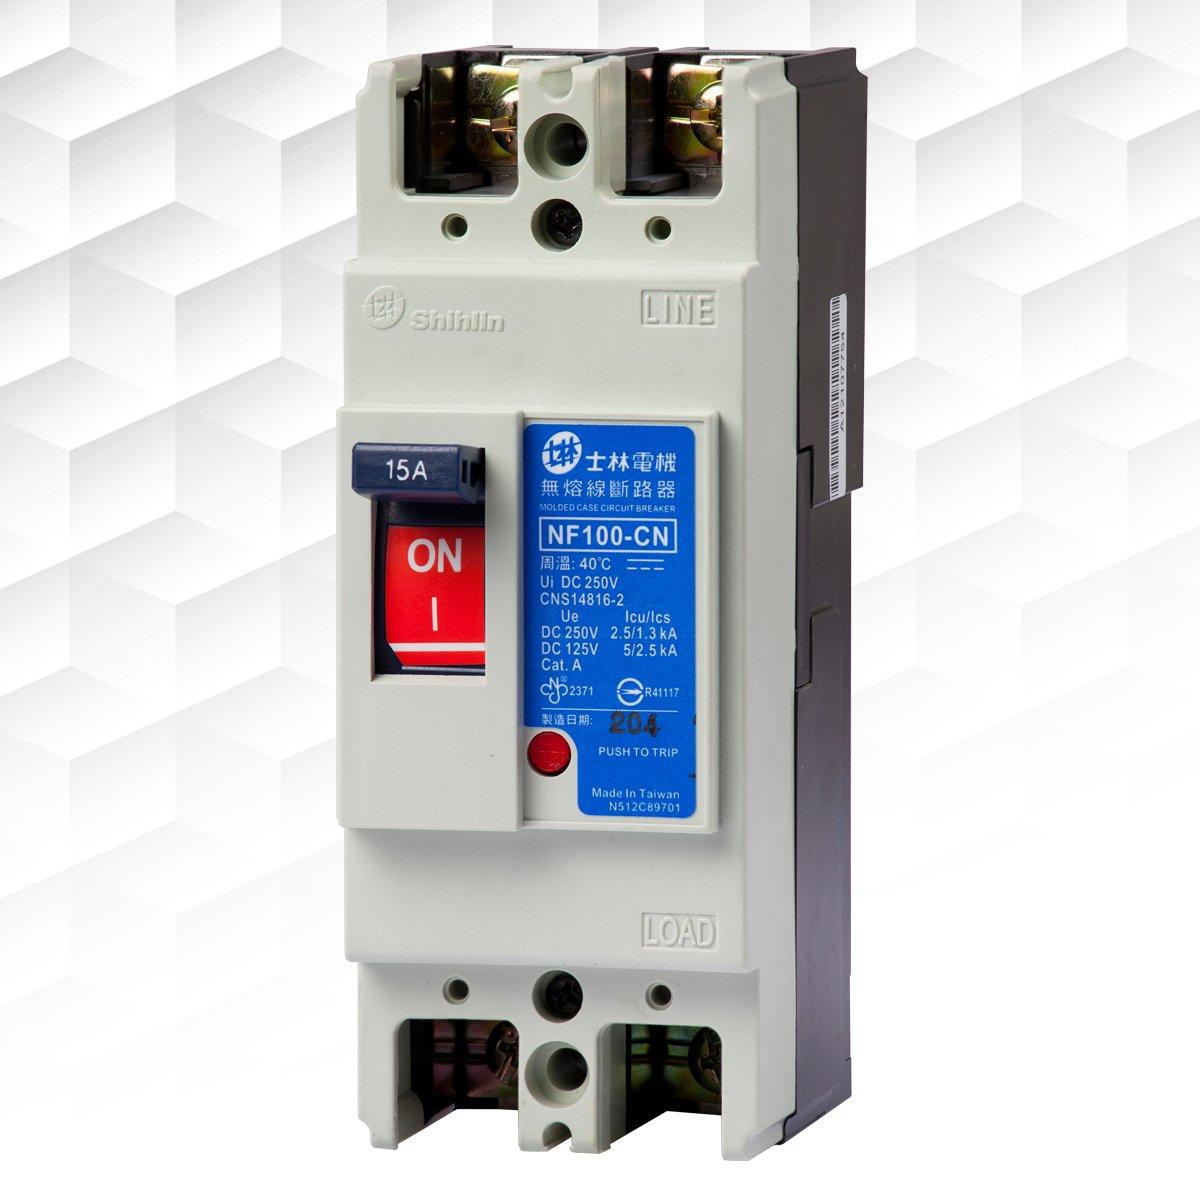 【士林電機】無熔線斷路器 NF100-CN 2P 15A 20A 30A 40A 50A 無熔絲開關